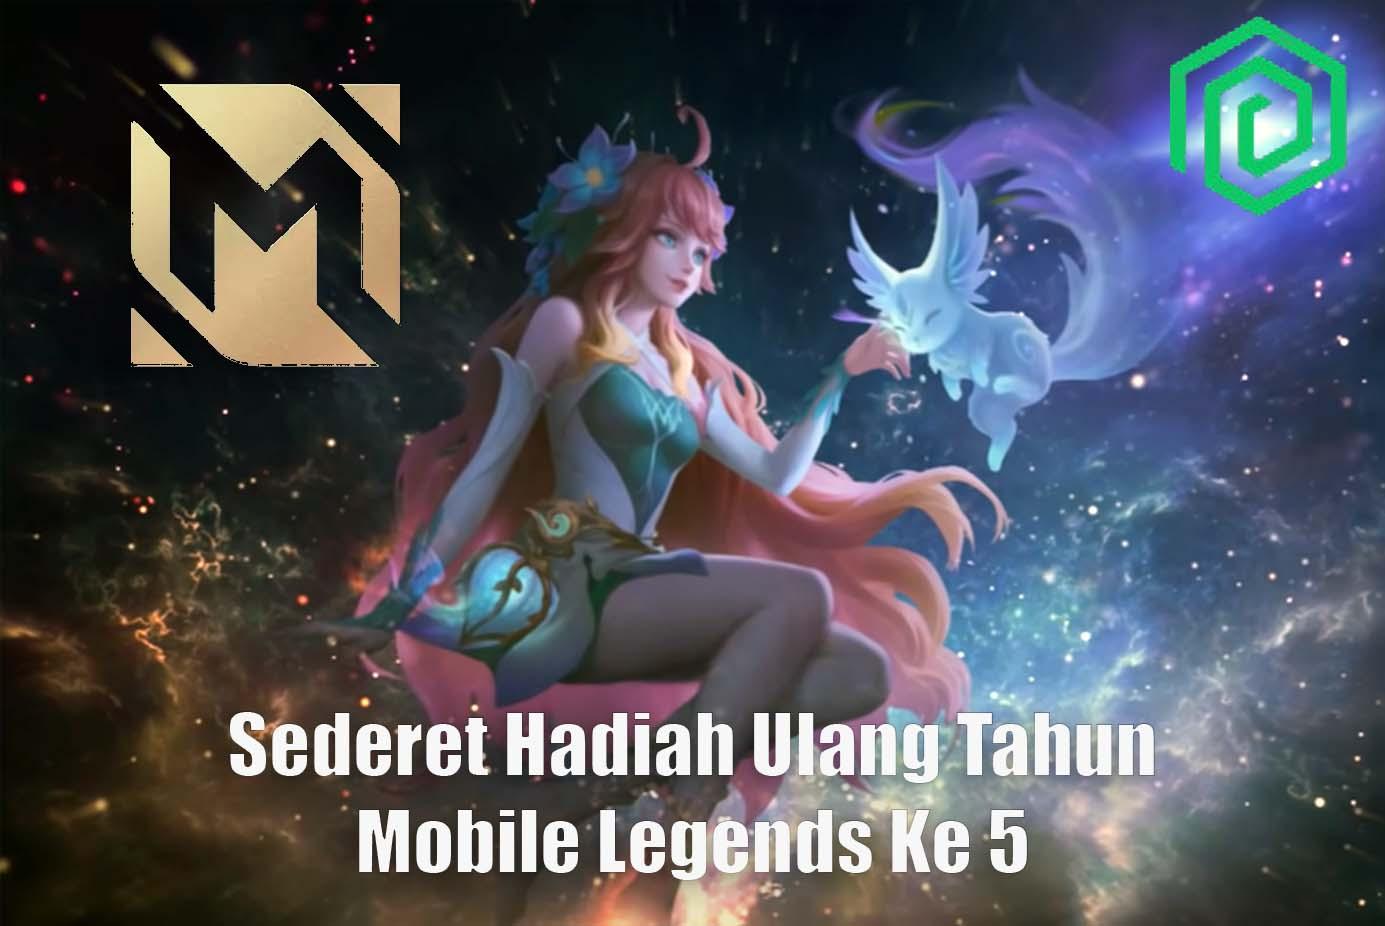 Sederet Hadiah Ulang Tahun Mobile Legends Ke 5